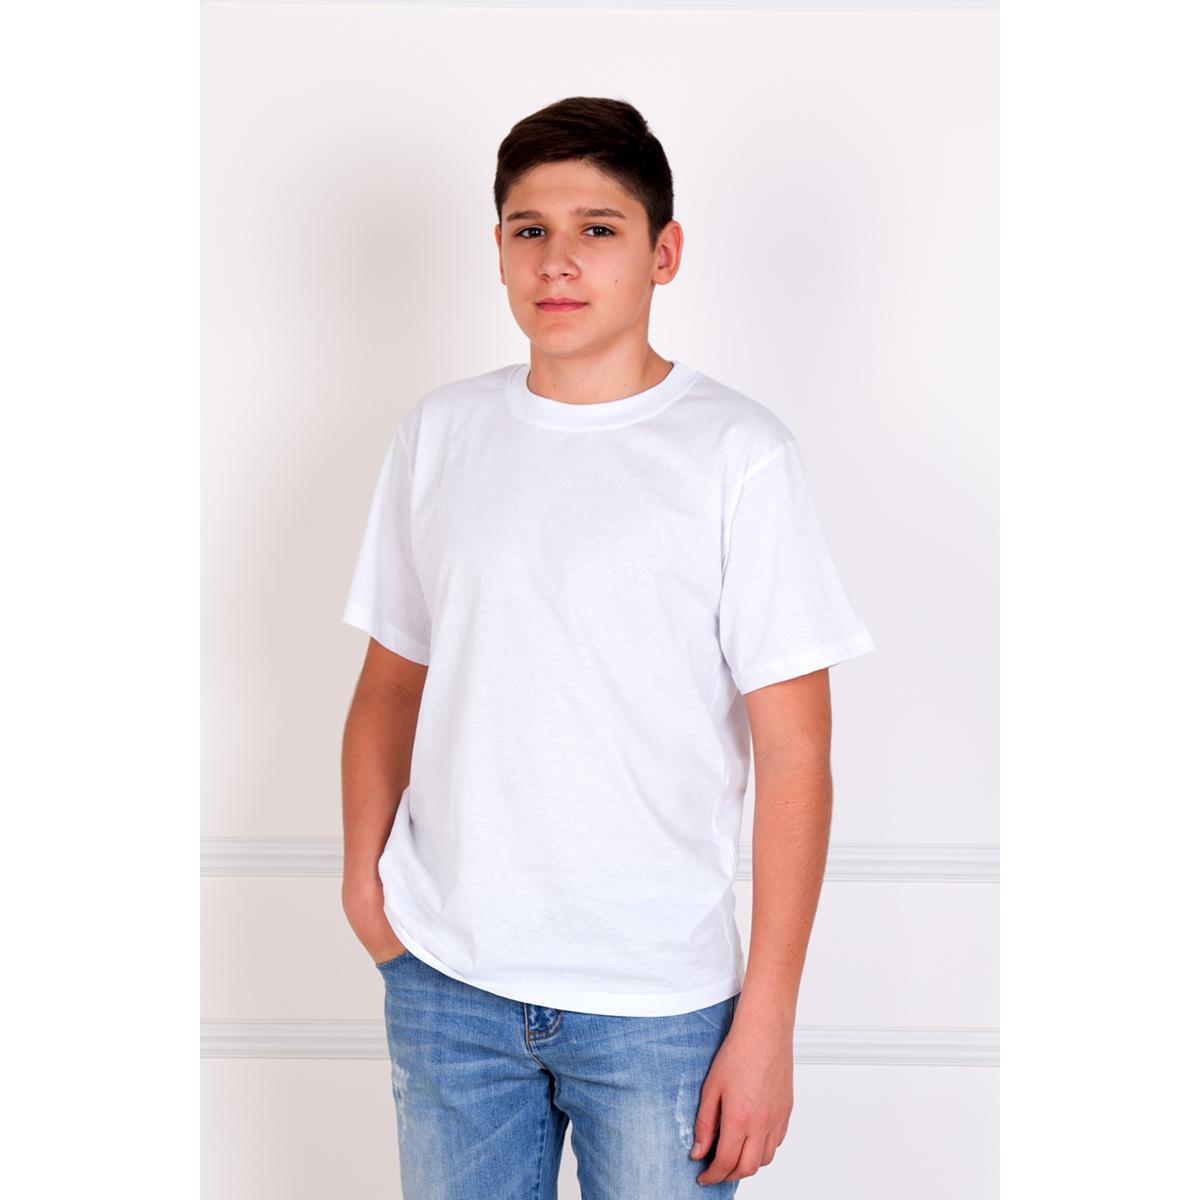 Мужская футболка Мич Белый, размер 54Футболки и майки<br>Обхват груди:108 см<br>Обхват талии:100 см<br>Обхват бедер:110 см<br>Рост:178-184 см<br><br>Тип: Муж. футболка<br>Размер: 54<br>Материал: Кулирка